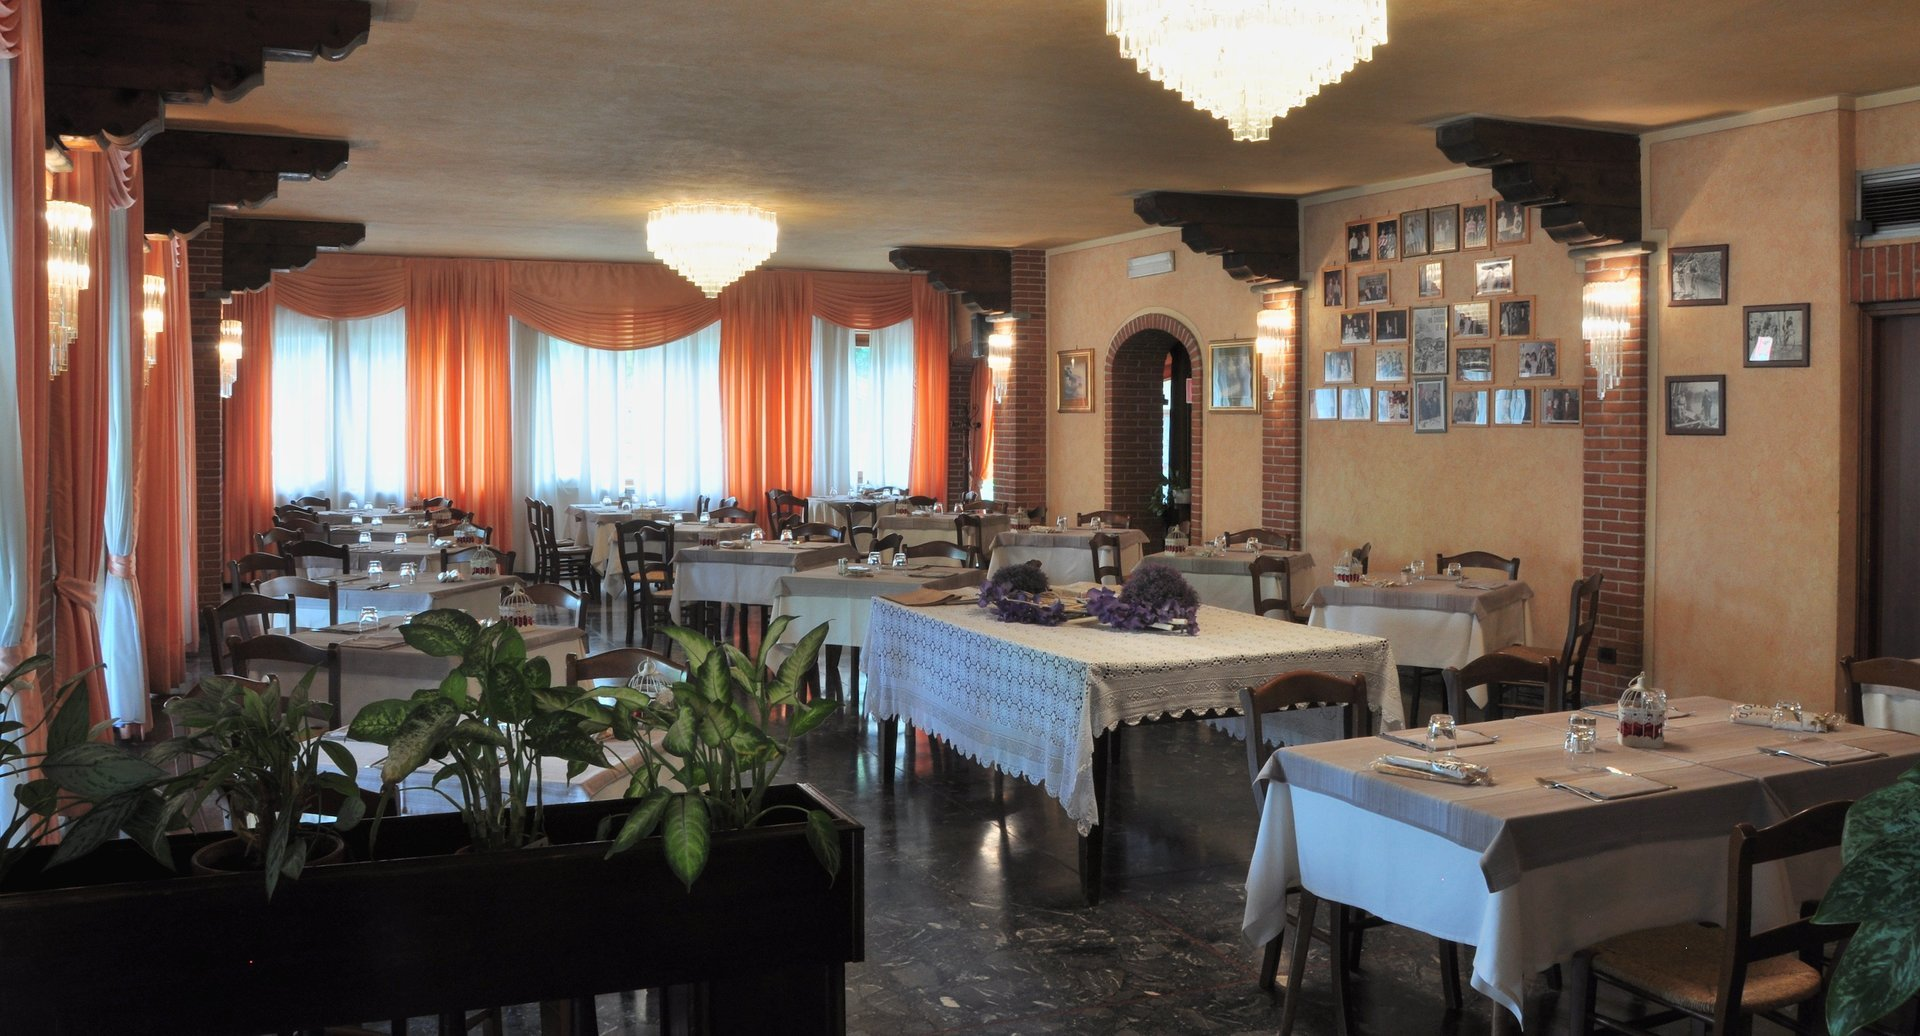 sala ristorante allestita